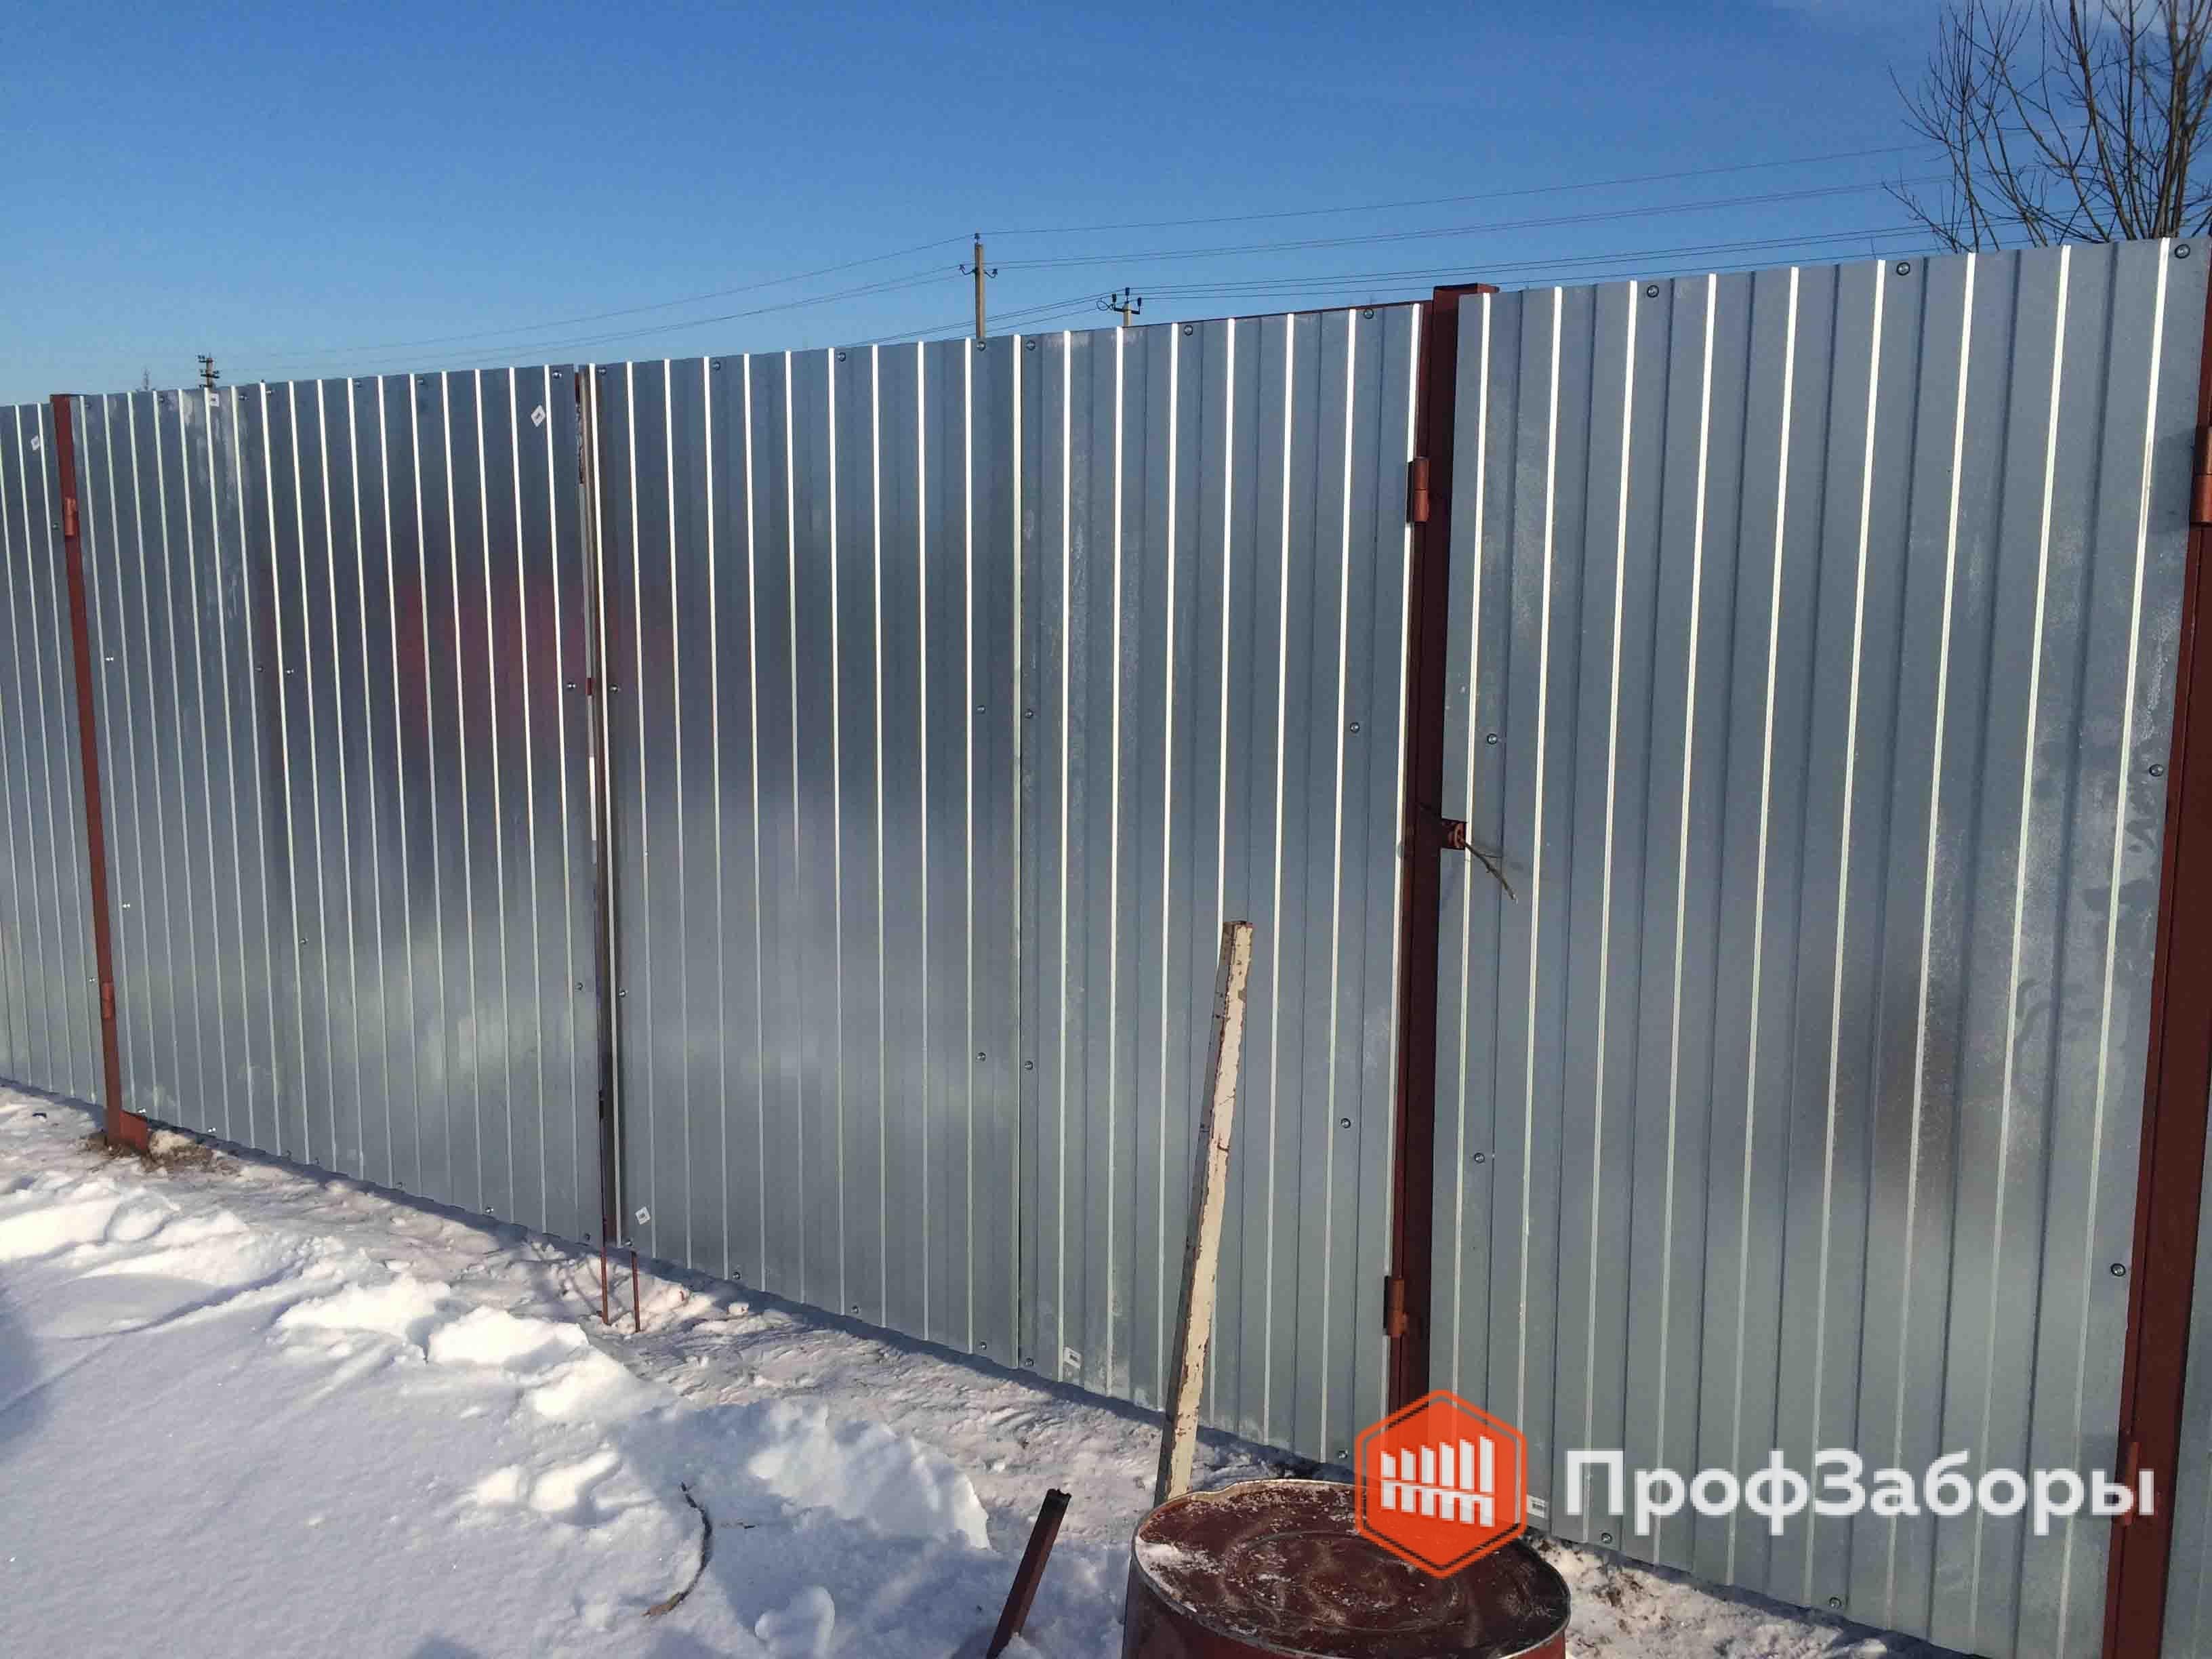 Заборы Из профнастила  - Городской округ Клин. Фото 2